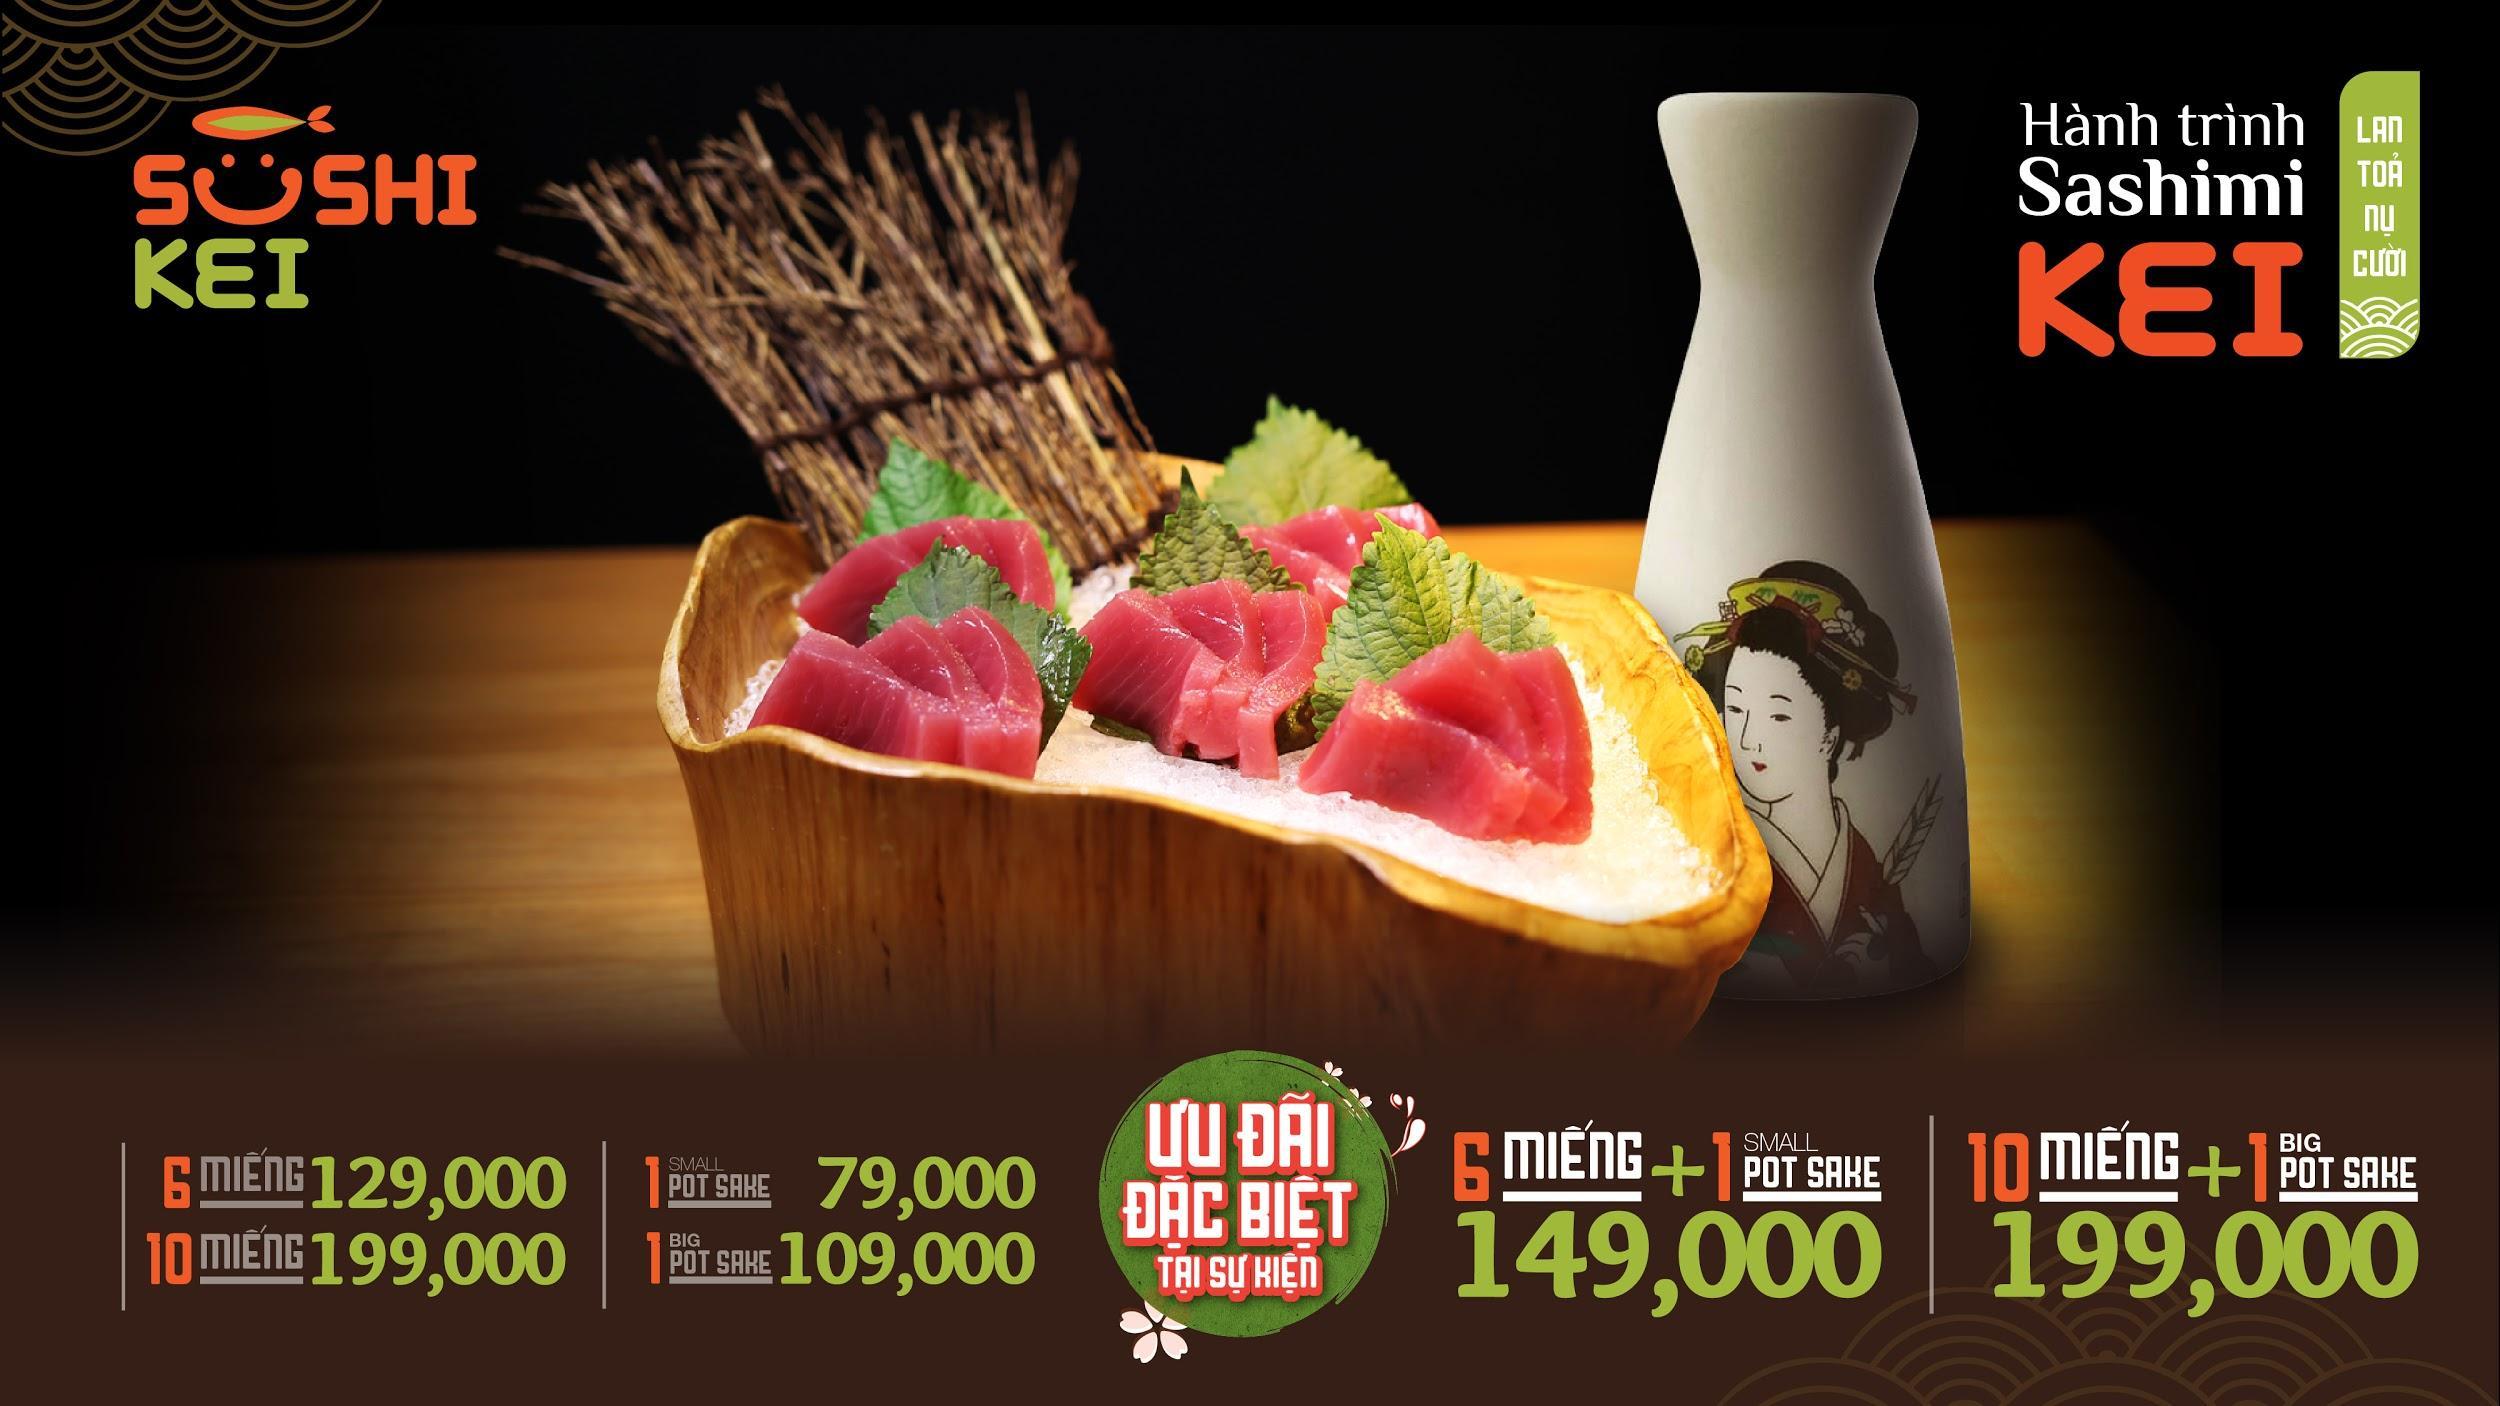 Kinh ngạc với cá ngừ khổng lồ 80kg cùng màn trình diễn chế biến chuyên nghiệp ngay tại nhà hàng Nhật - Sushi Kei - Ảnh 8.